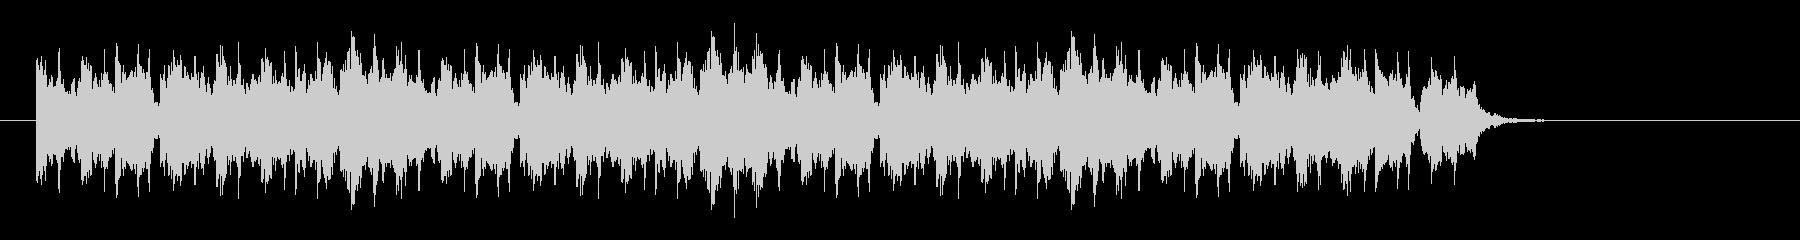 クイーカ(ウホウホ)陽気なラテン SH版の未再生の波形